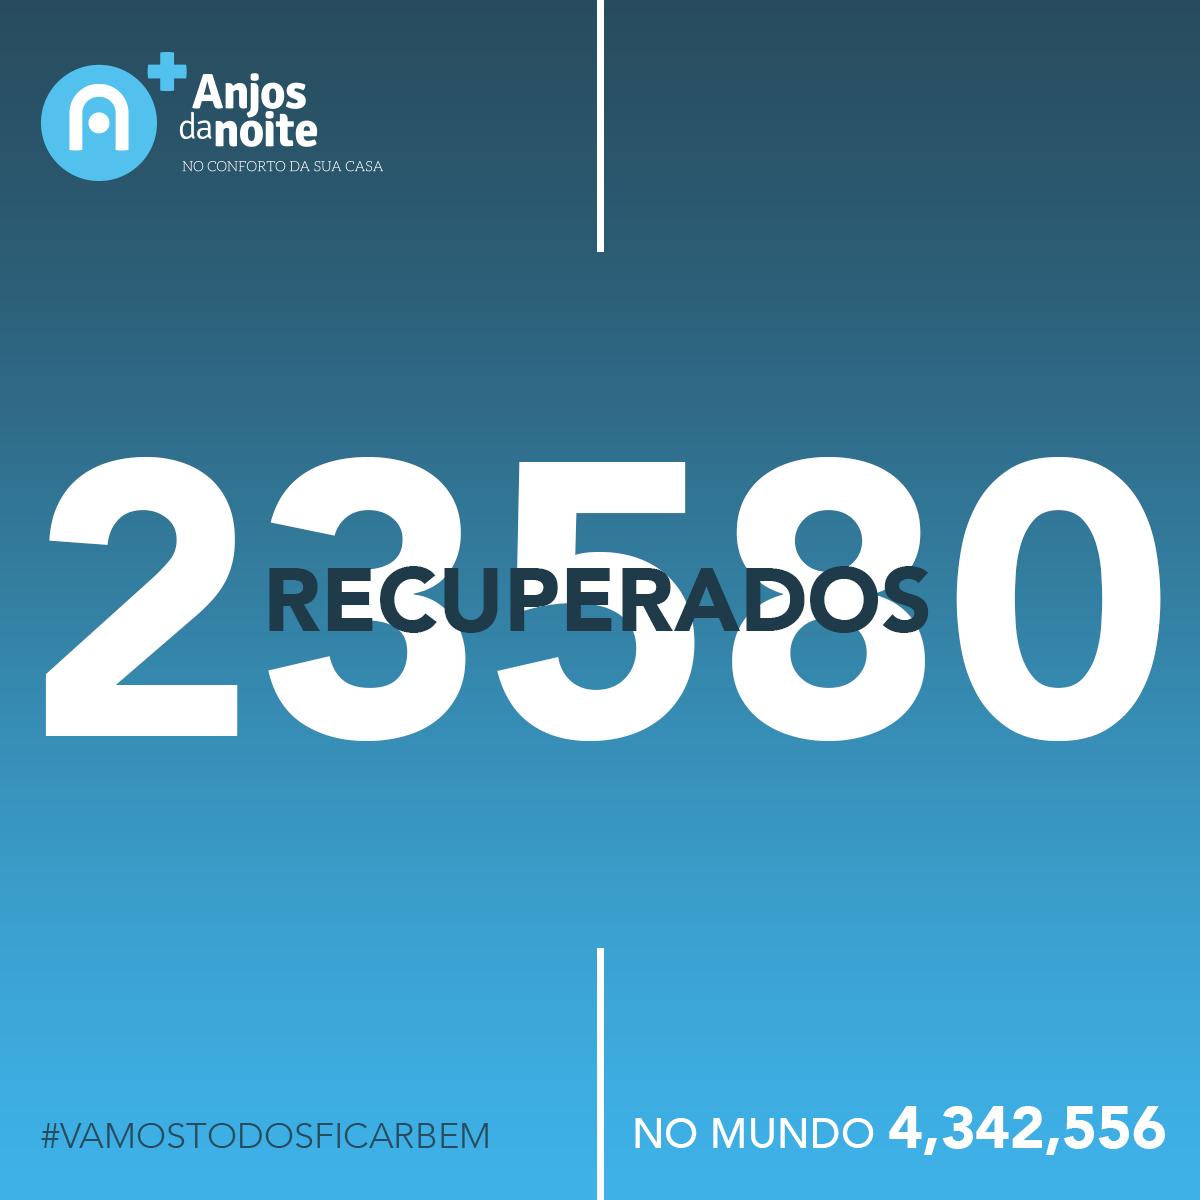 PENSAR POSITIVO | 23580